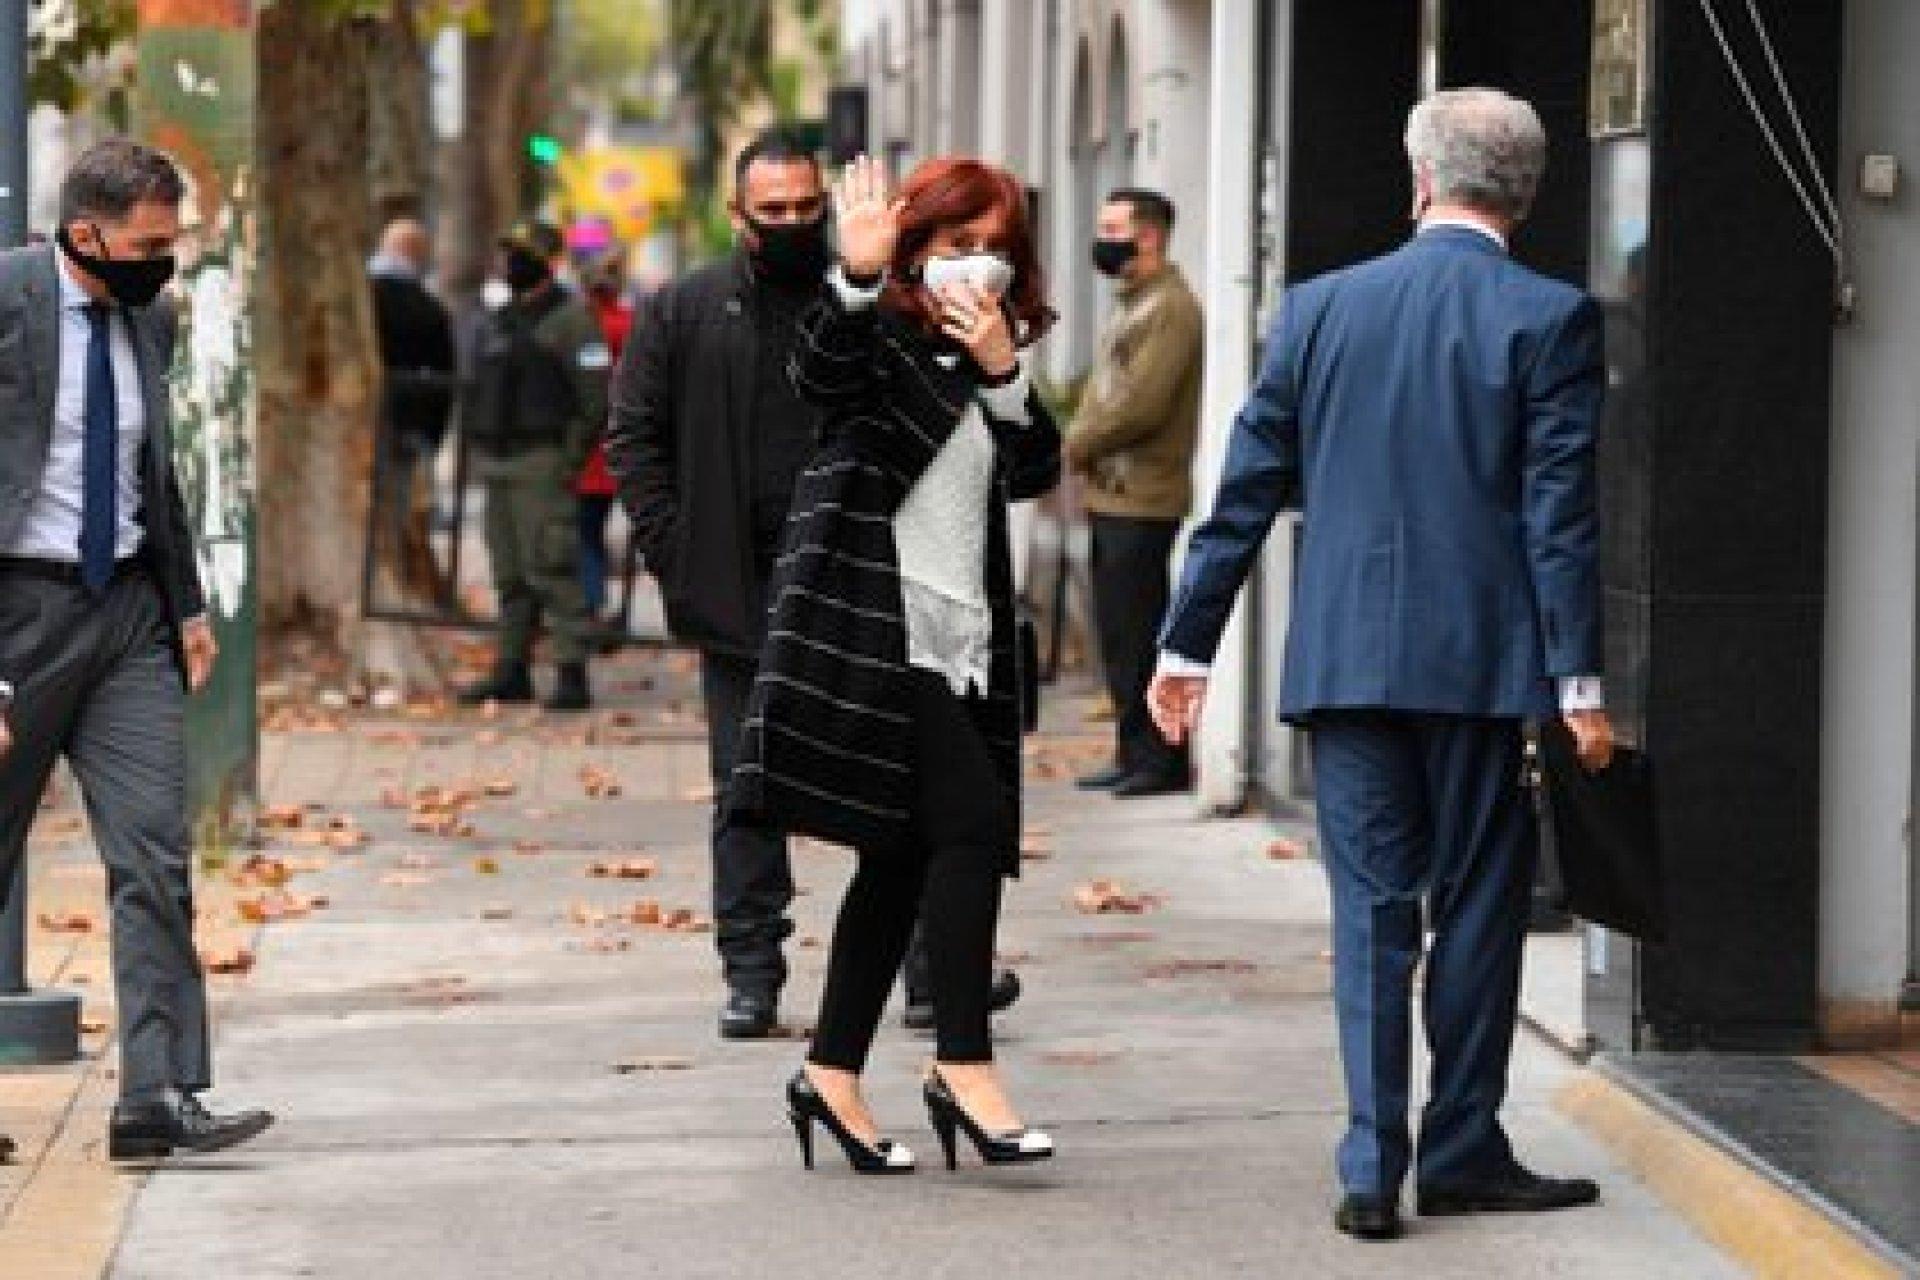 el dia que Cristina Kirchner se constituyó en querellante por el espionaje macrista (Maximiliano Luna)